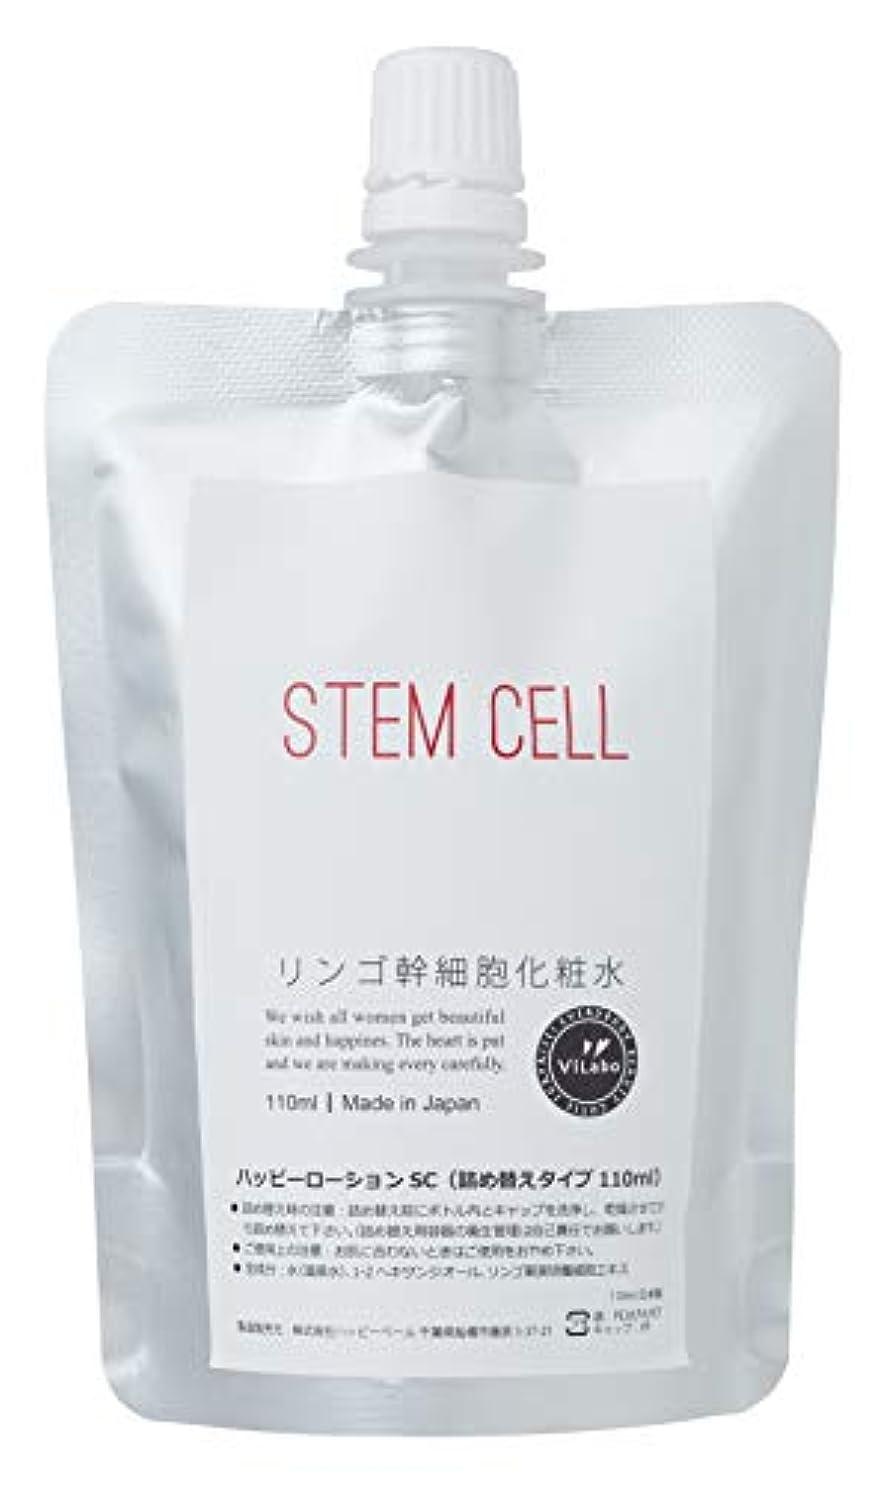 シュガー比較厳しいリンゴ幹細胞化粧水-天然温泉水+高級美容成分の浸透型化粧水-品名:ハッピーローションEF ノンパラベン、アルコール、フェノキシエタノール、石油系合成界面活性剤無添加 (詰め替えパウチ110ml)